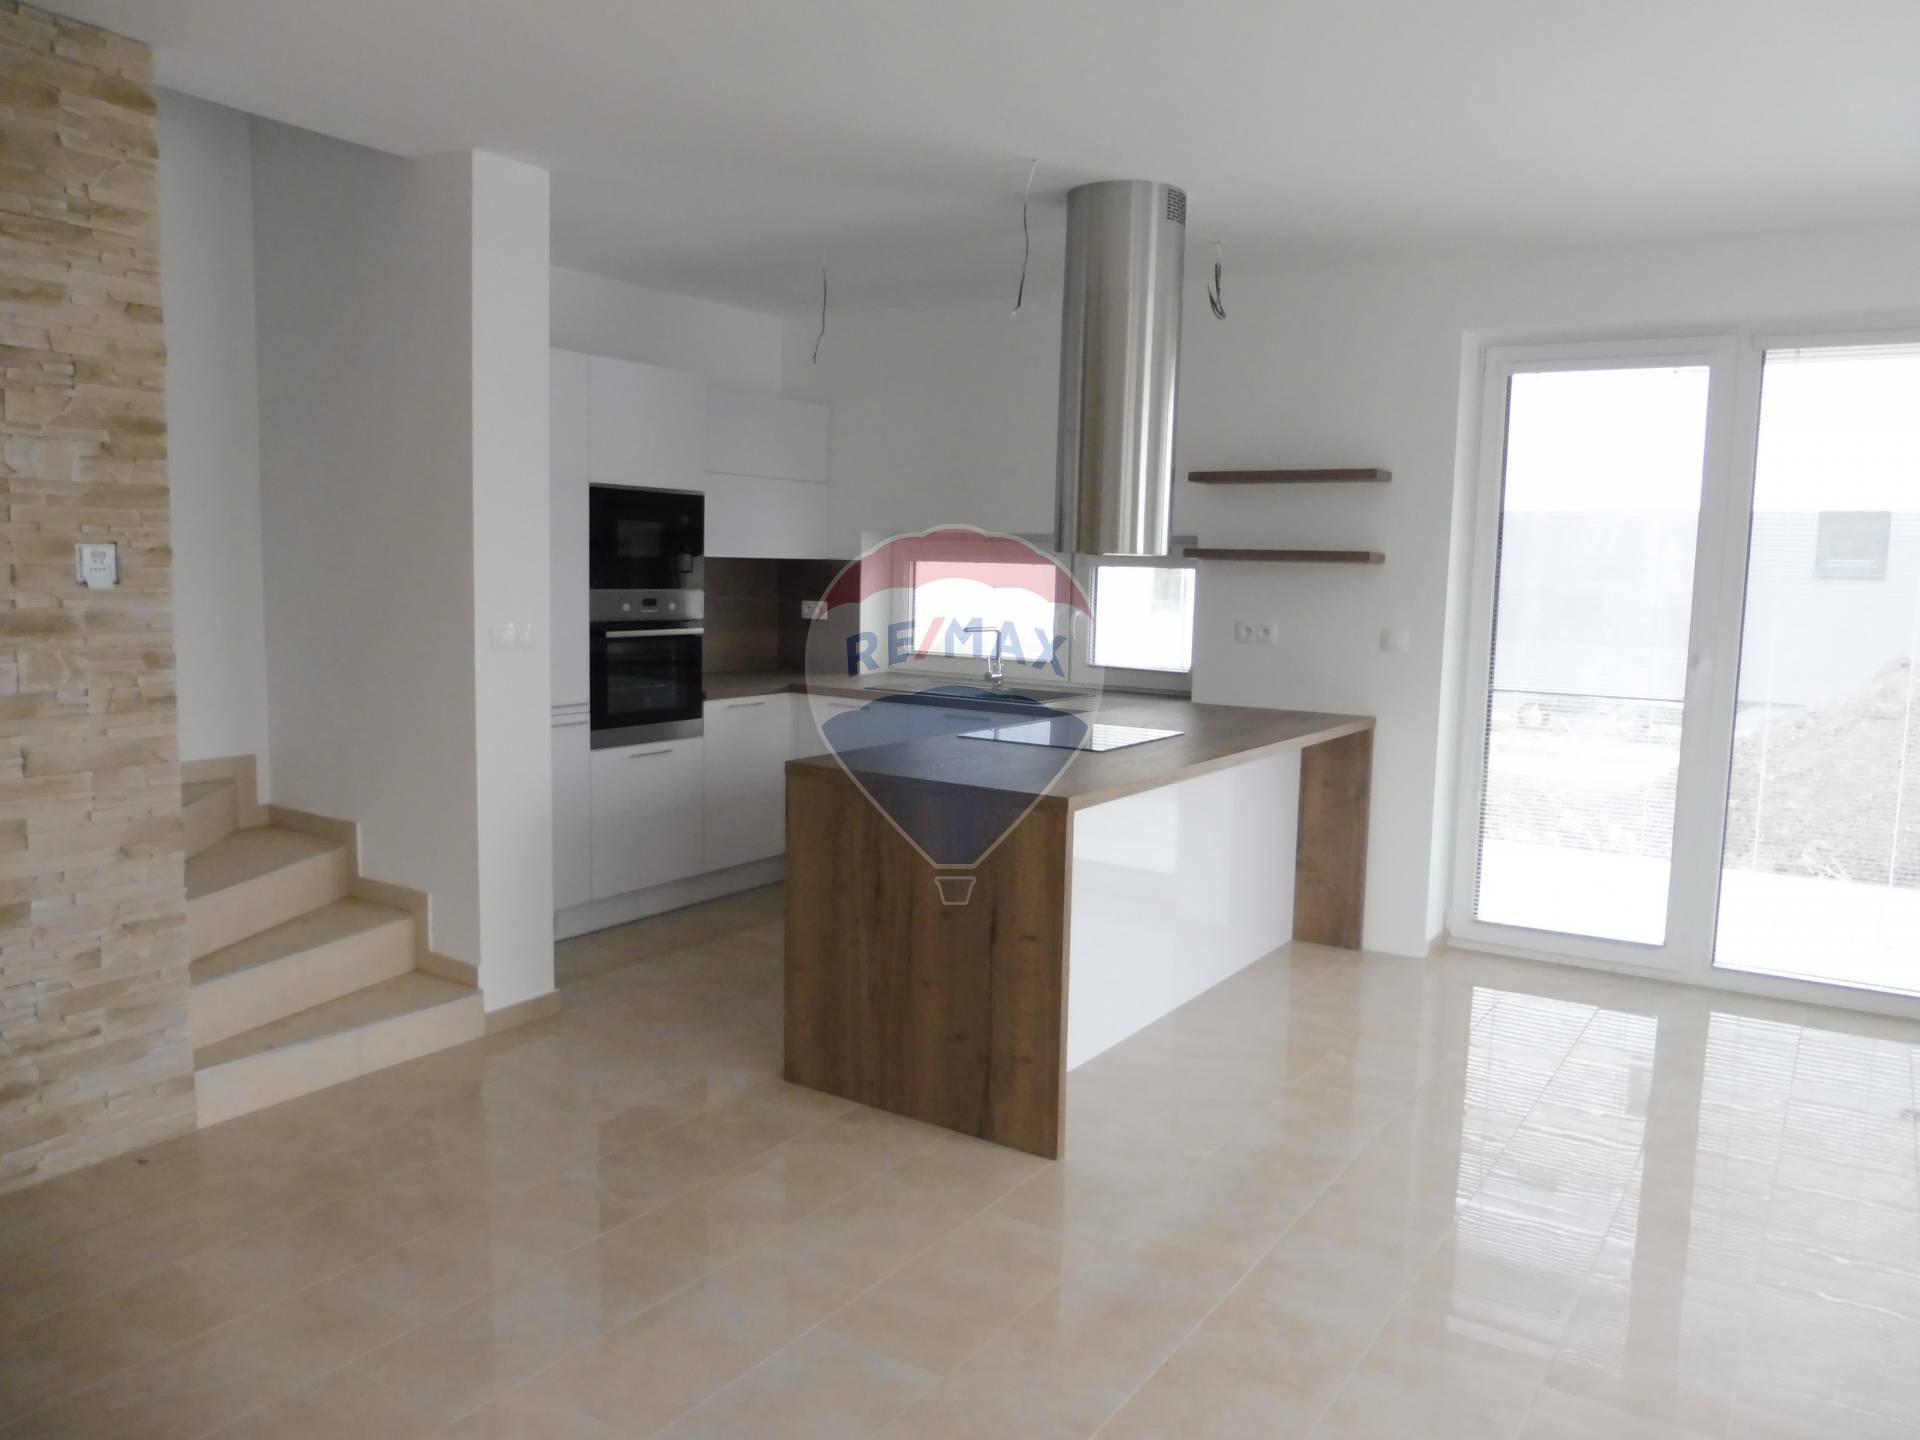 Predaj: 4-izbový byt v rodinnom dome, komplet s kuchyňou, ĎALŠIA ETAPA